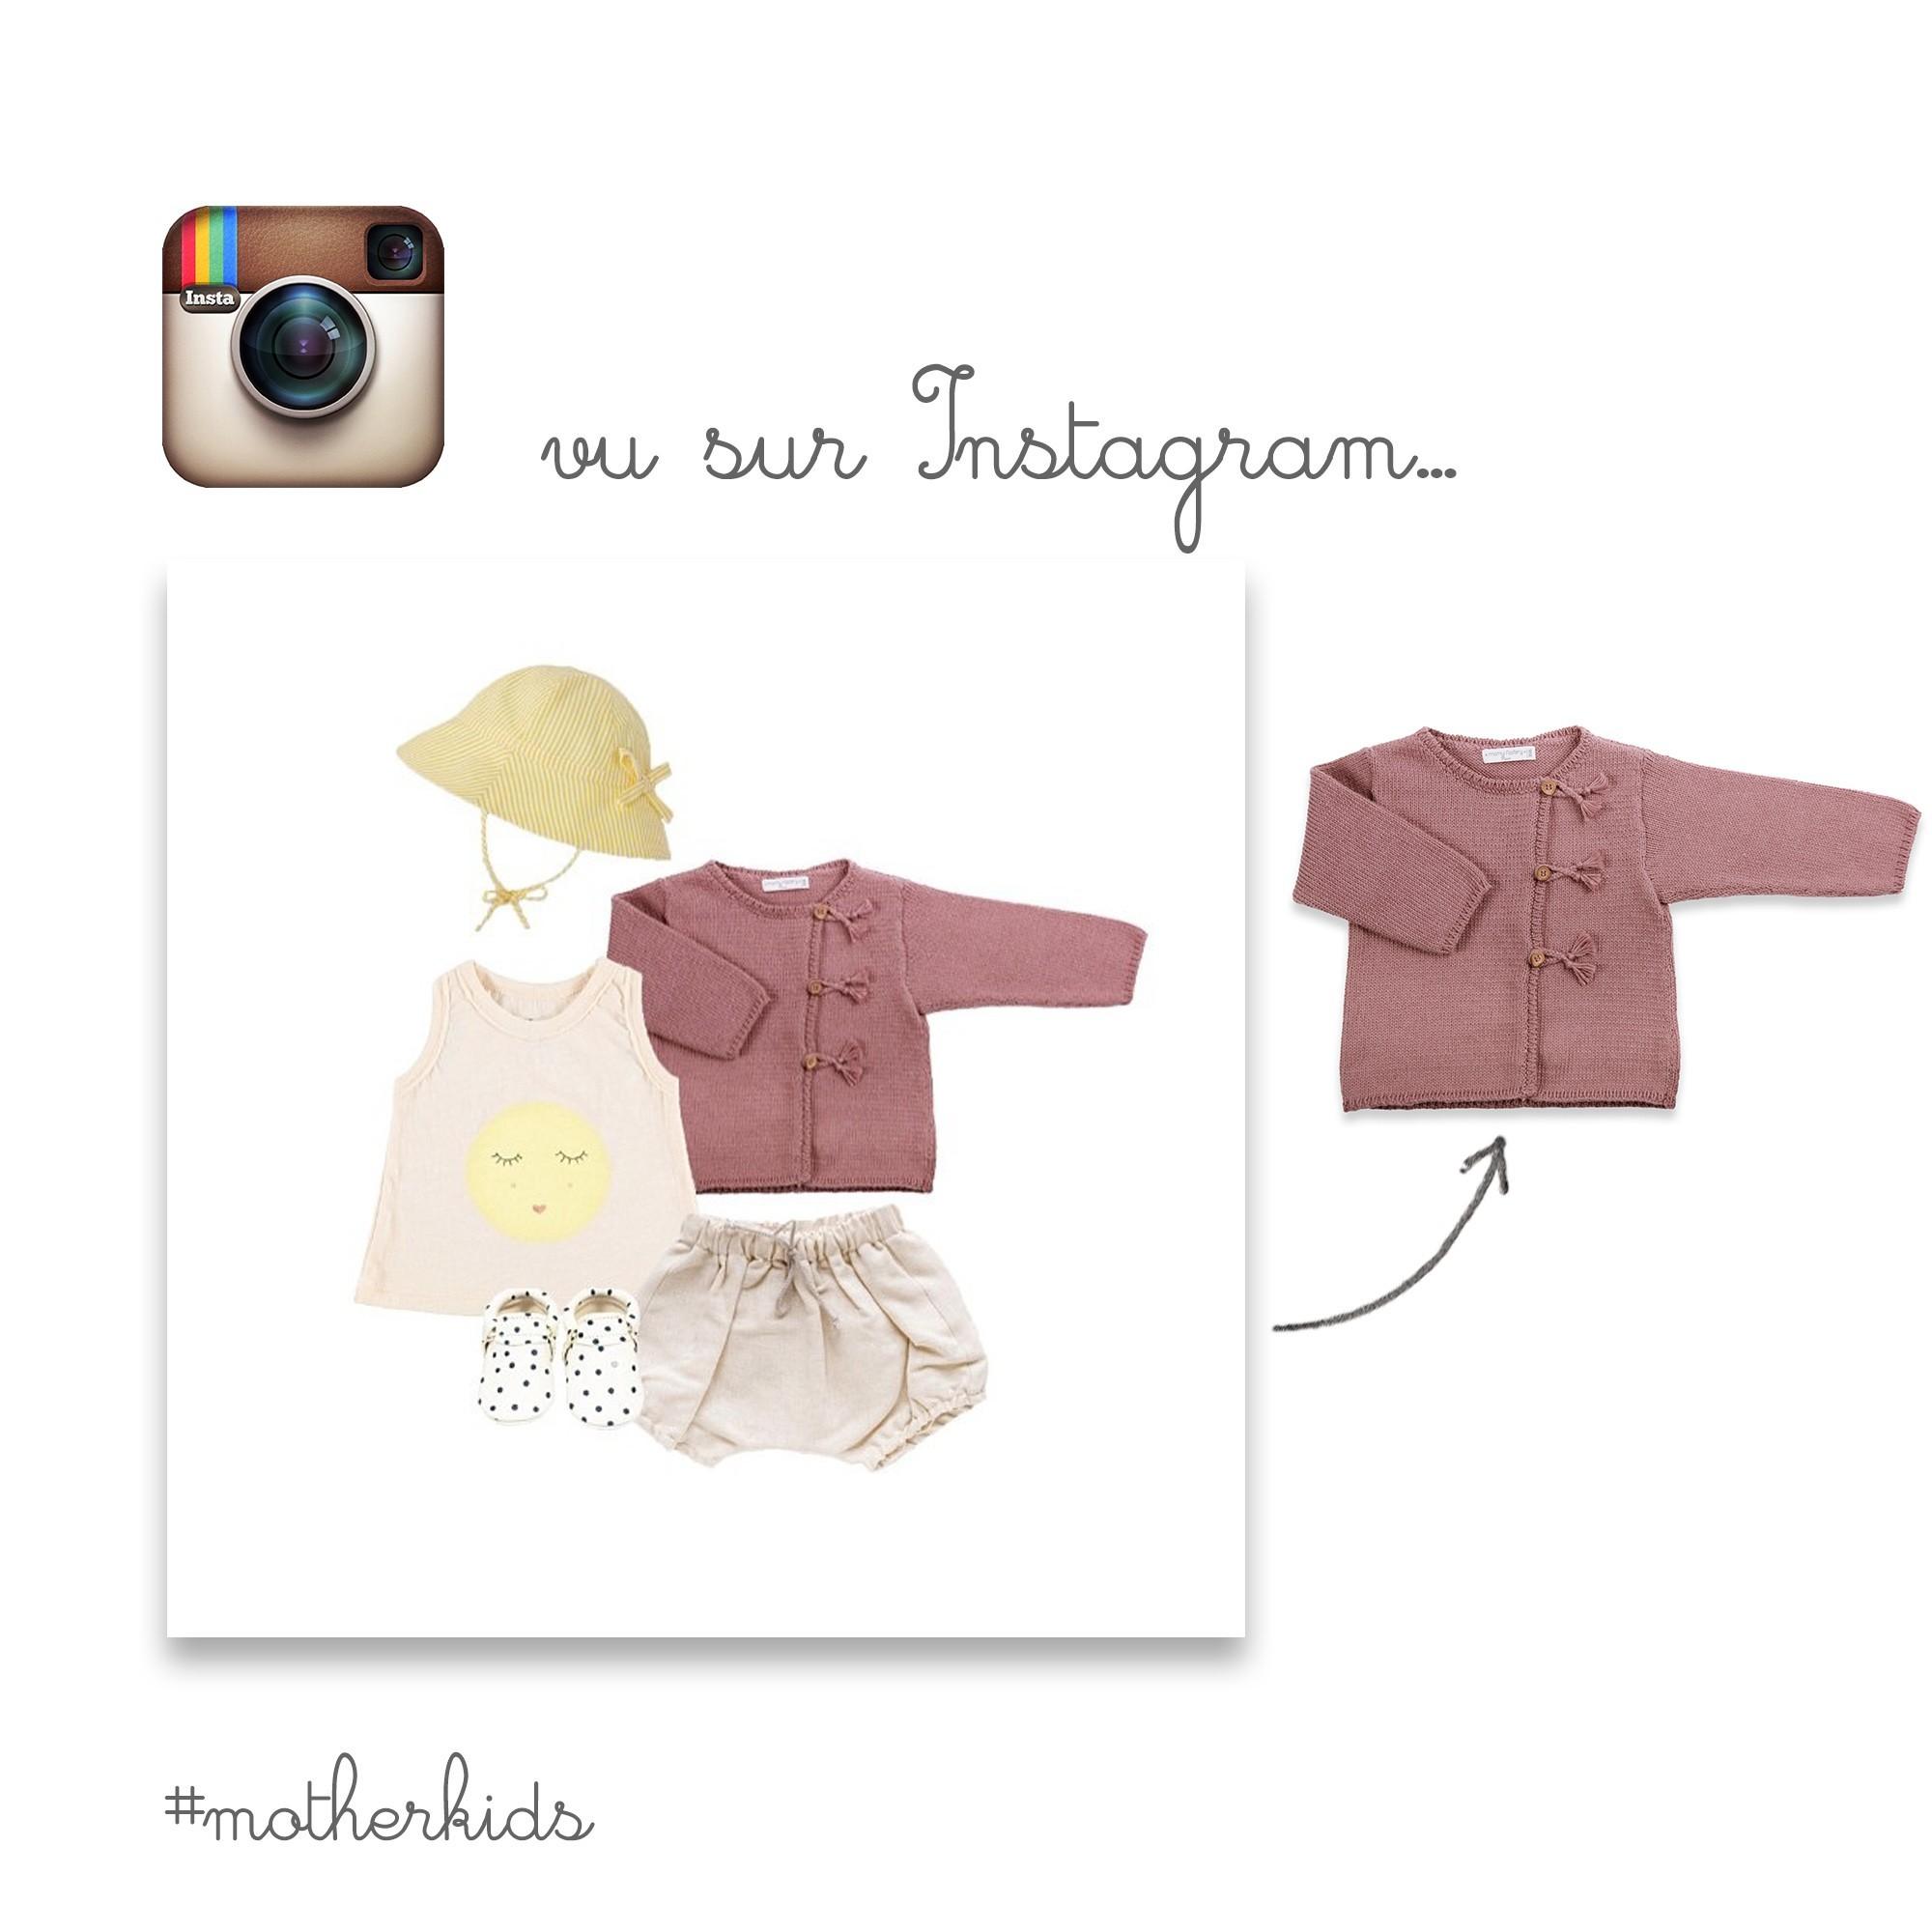 Gilet Marcel pour bébé - vu sur Instagram